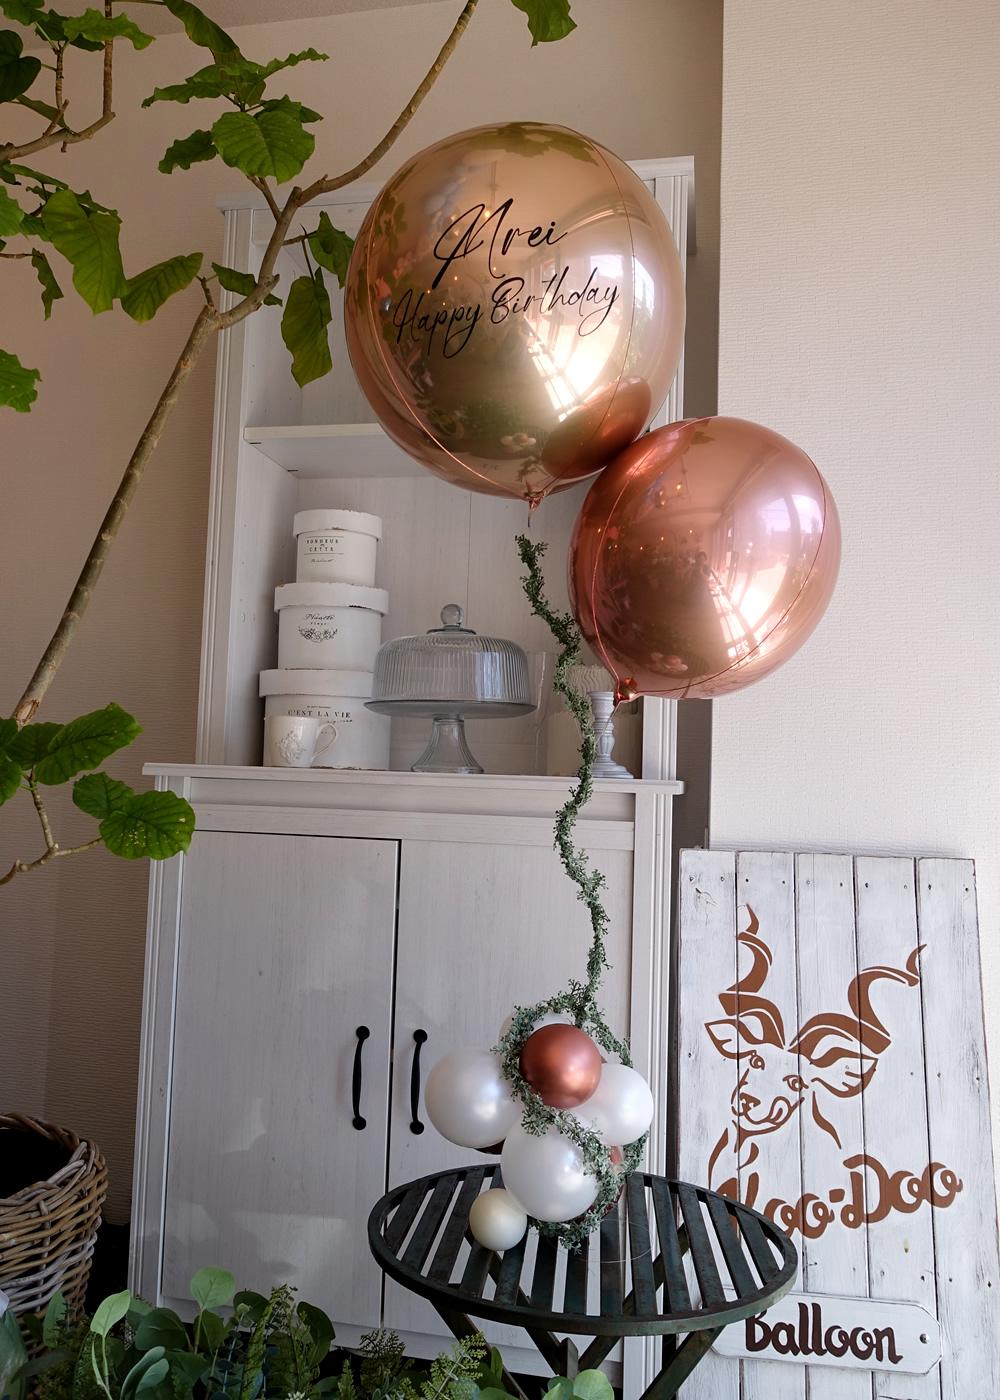 浮くバルーン バルーンギフト バルーンアレンジ 誕生日 お祝い 結婚 パーティ バルーンギフト通販ショップ KOO-DOO